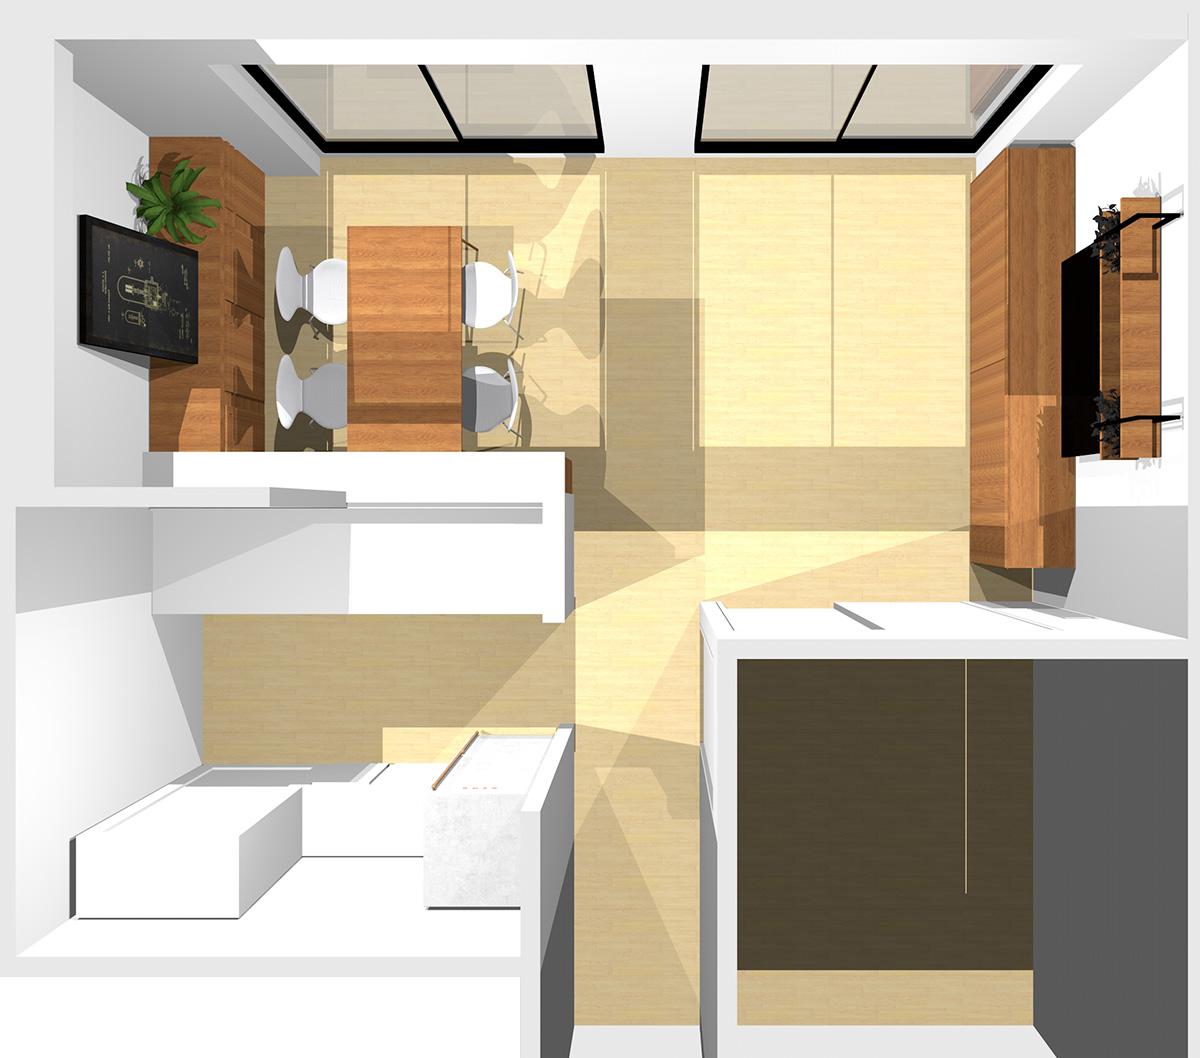 ①②③に家具を置いた横長リビング